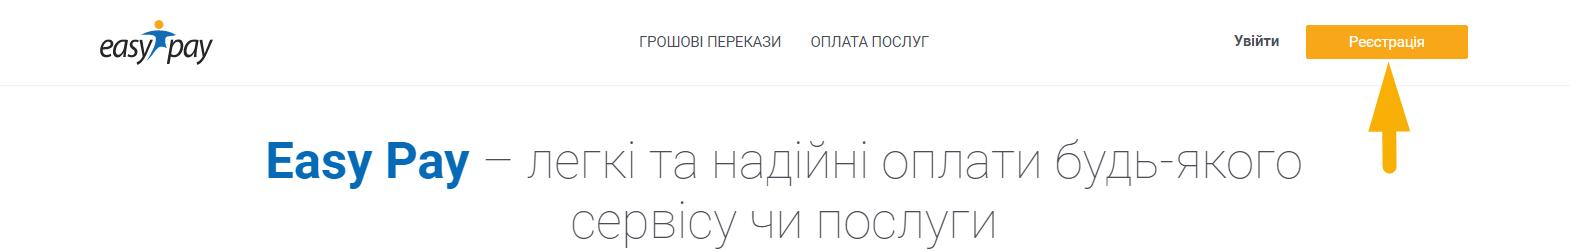 Як оплатити воду Київводоканал - крок 1